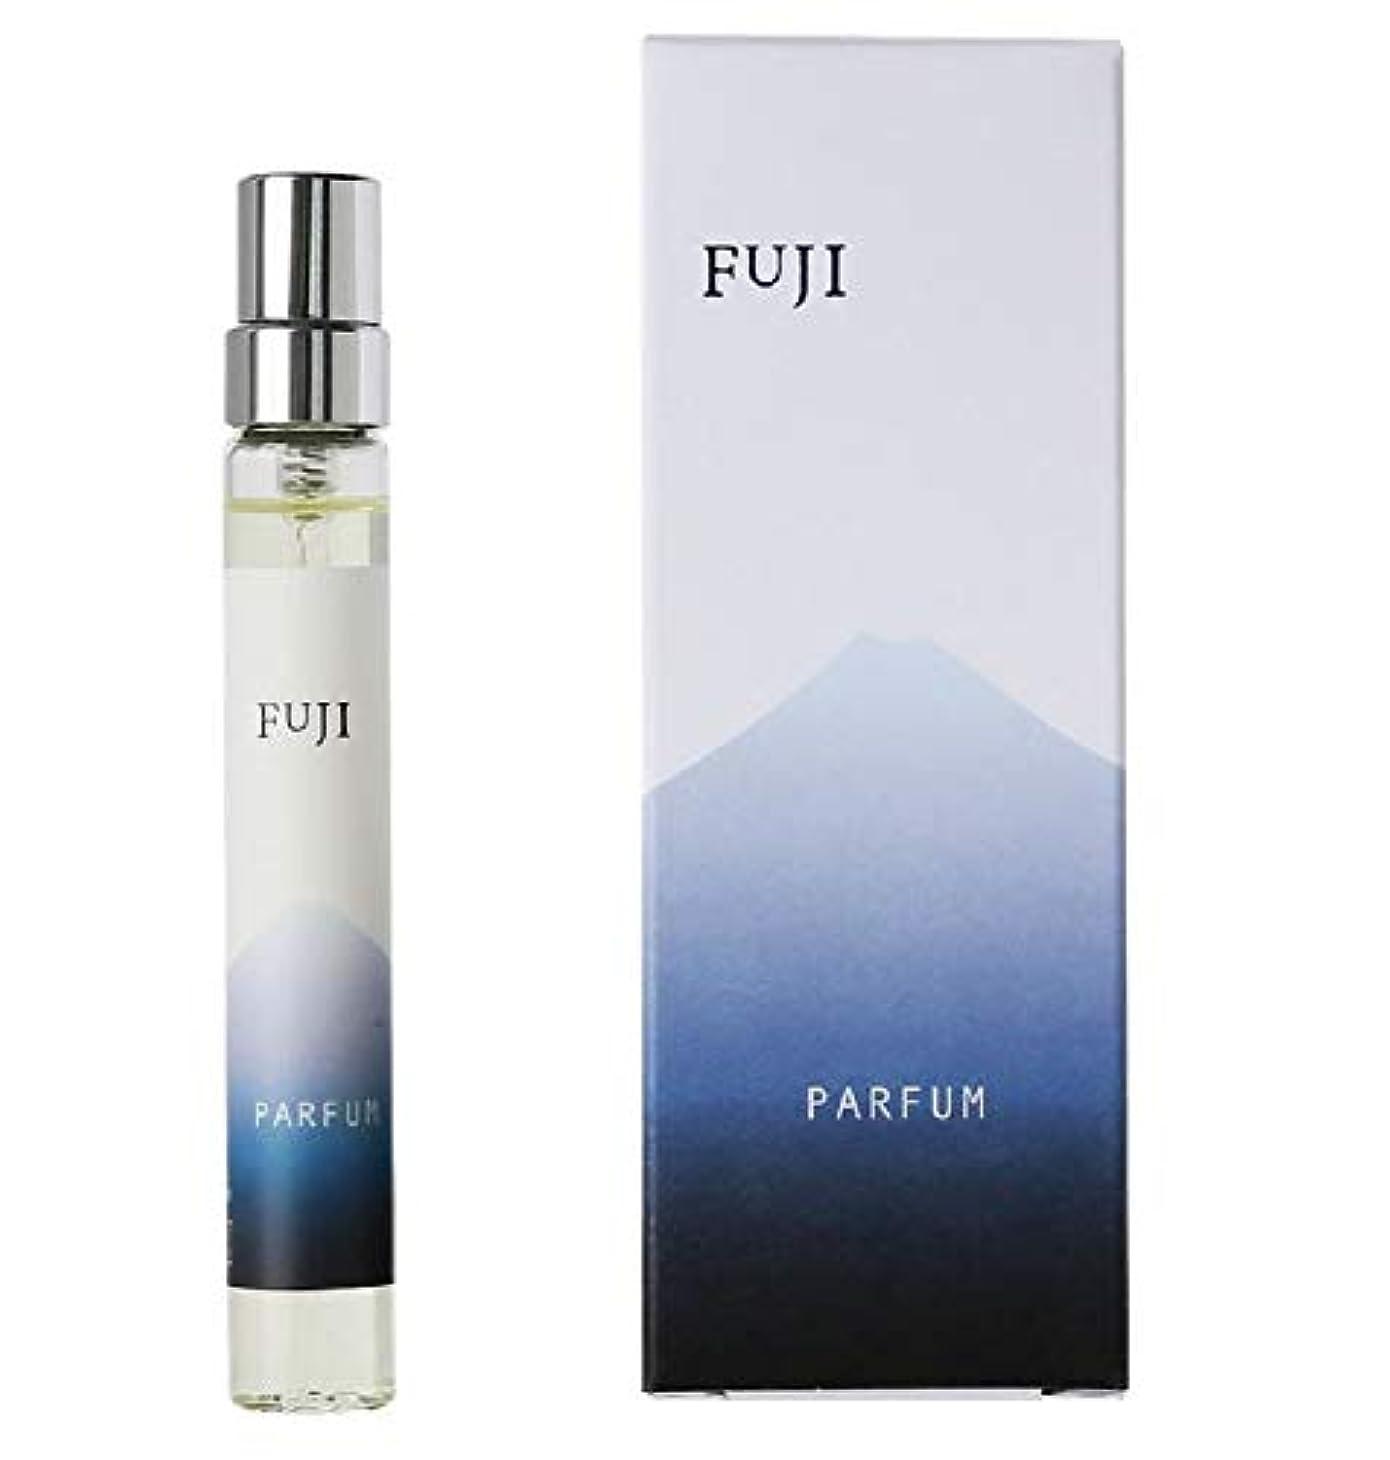 自信がある聡明ゲージパルファム フジ fuji 香水「PARFUM FUJI(パルファム?フジ)」